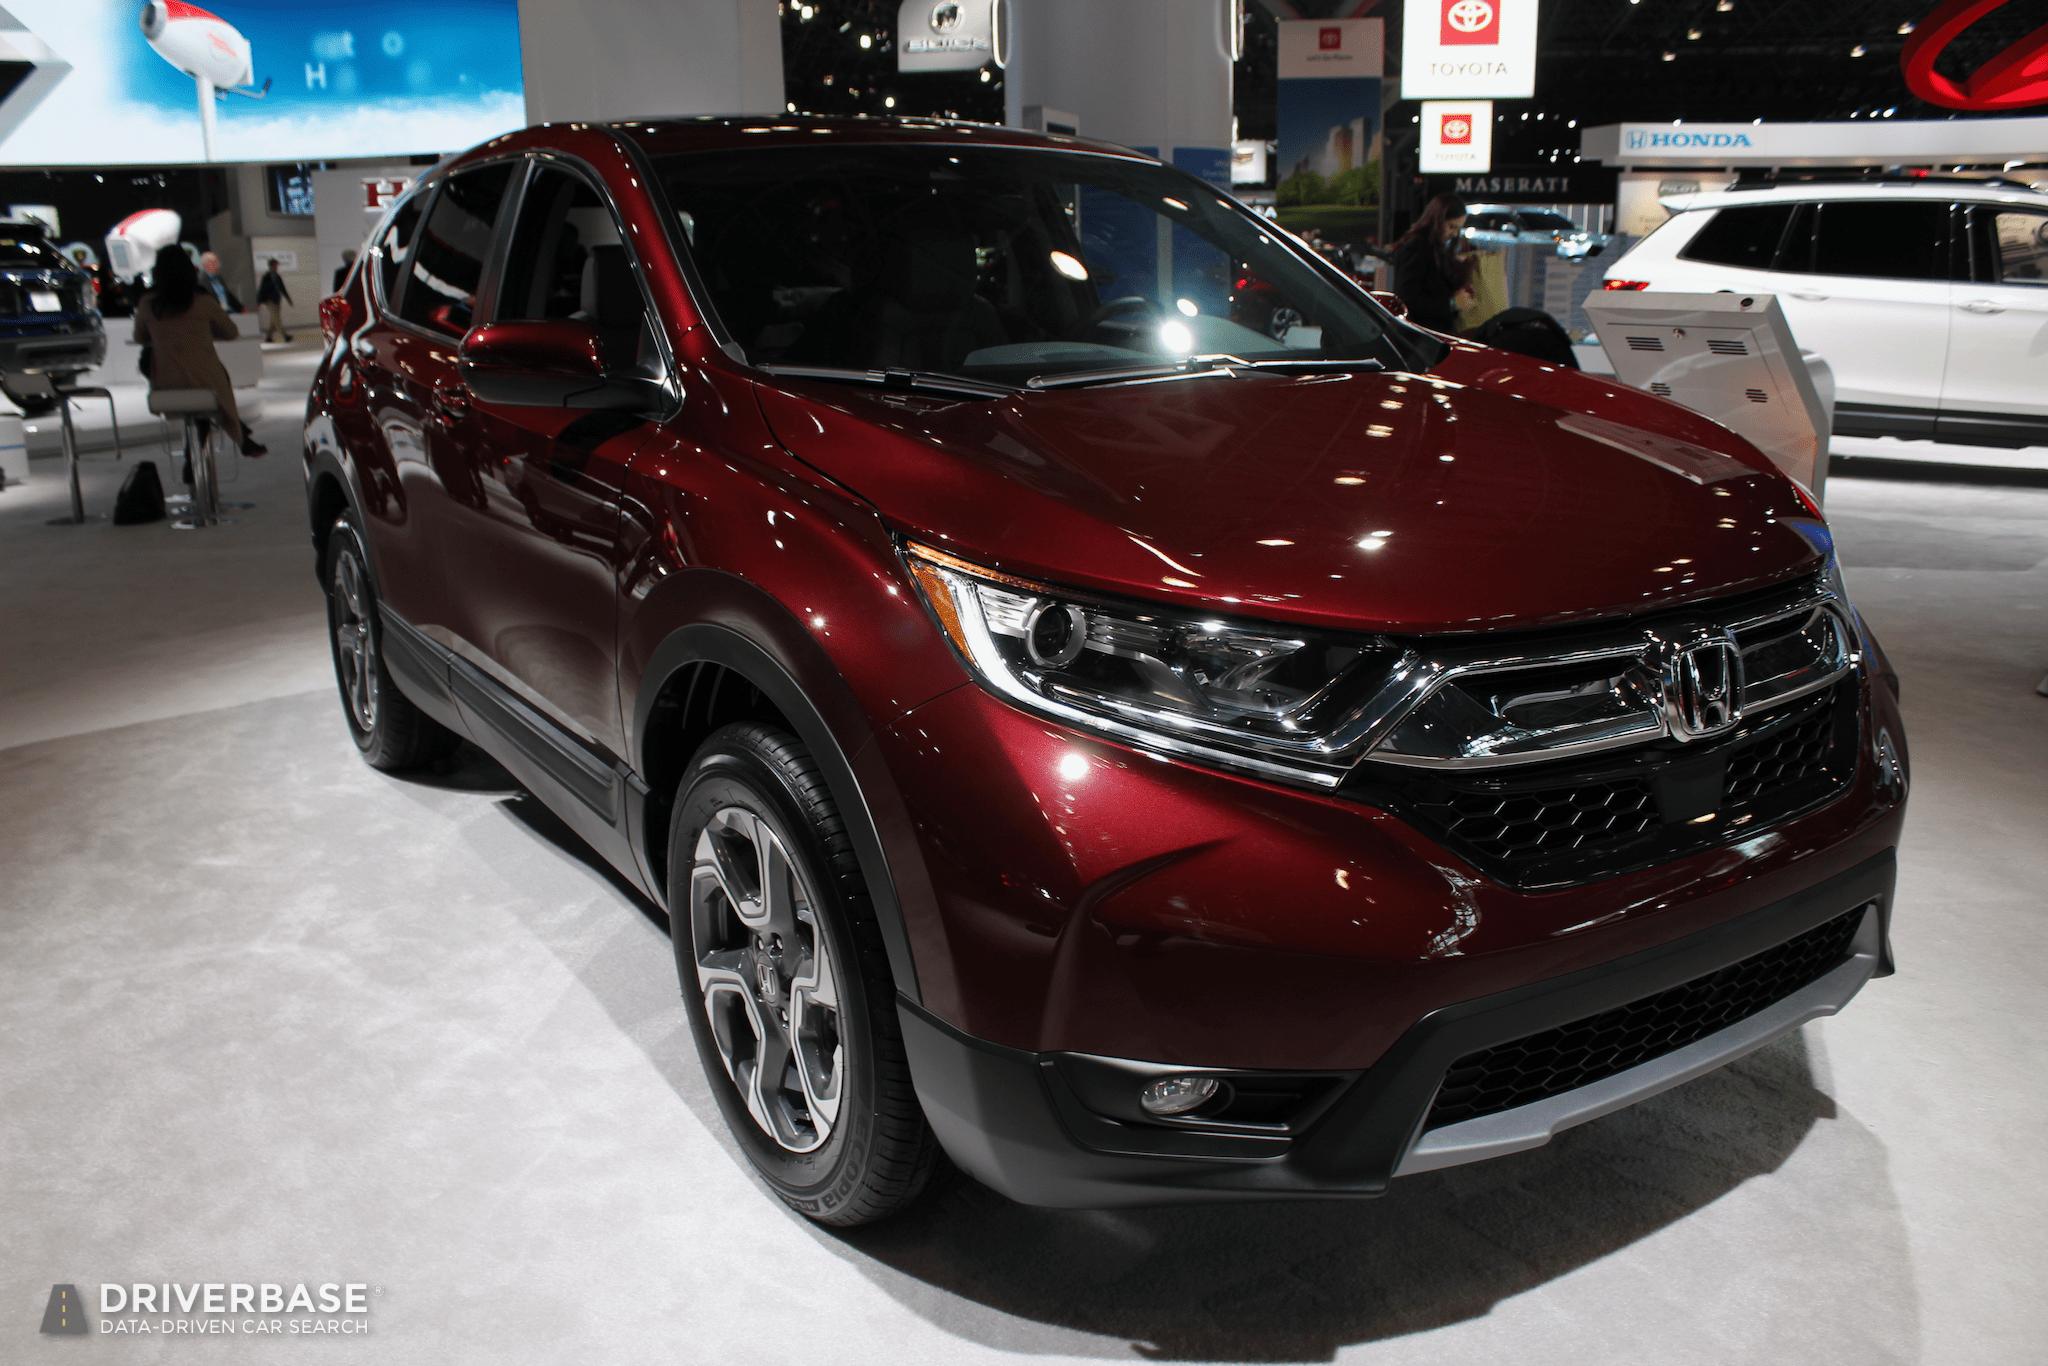 2020 Honda CRV SUV at the 2019 New York Auto Show Honda